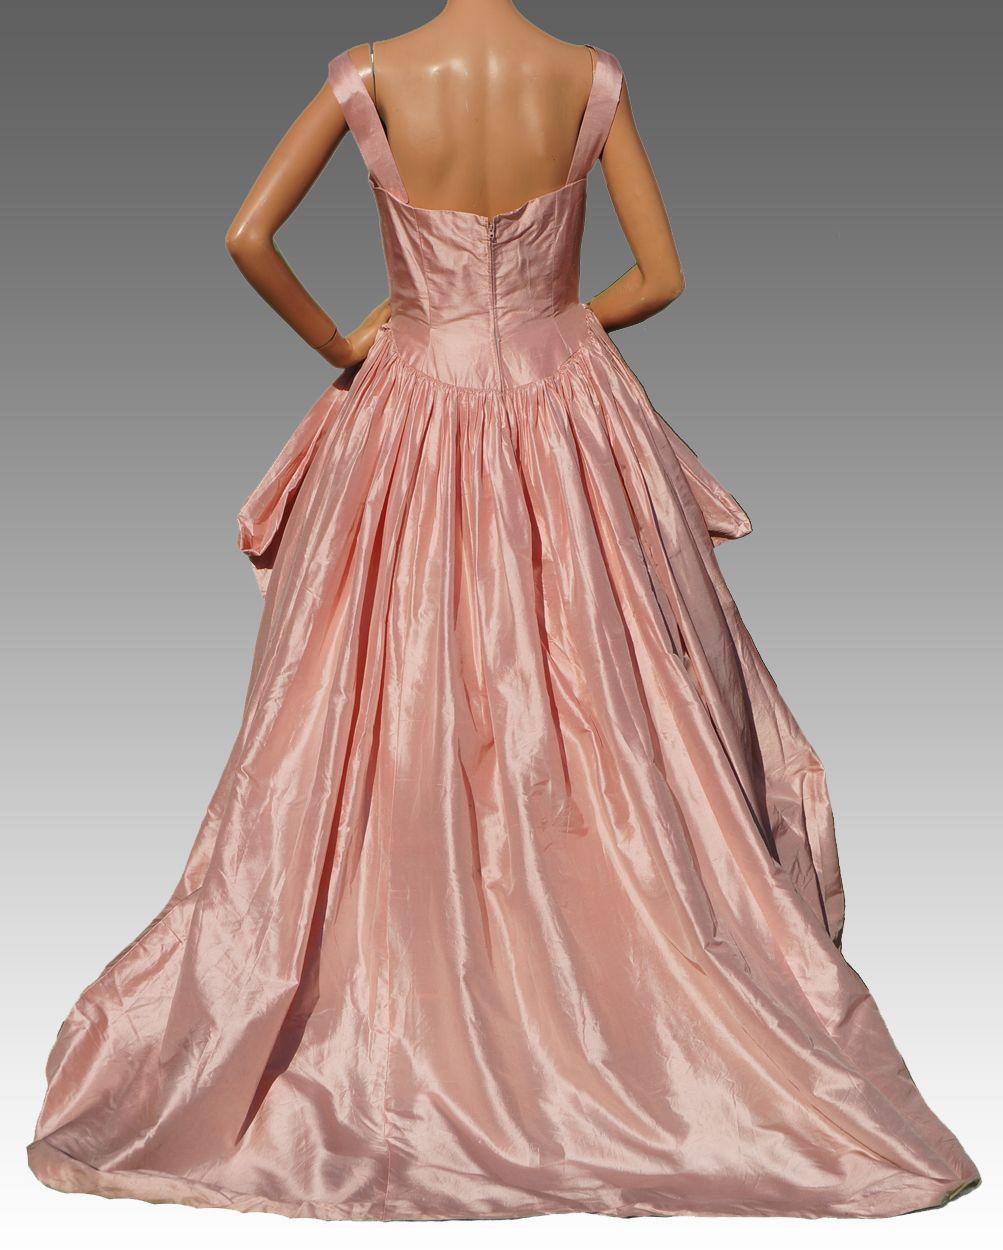 Couture Vintage Dresses